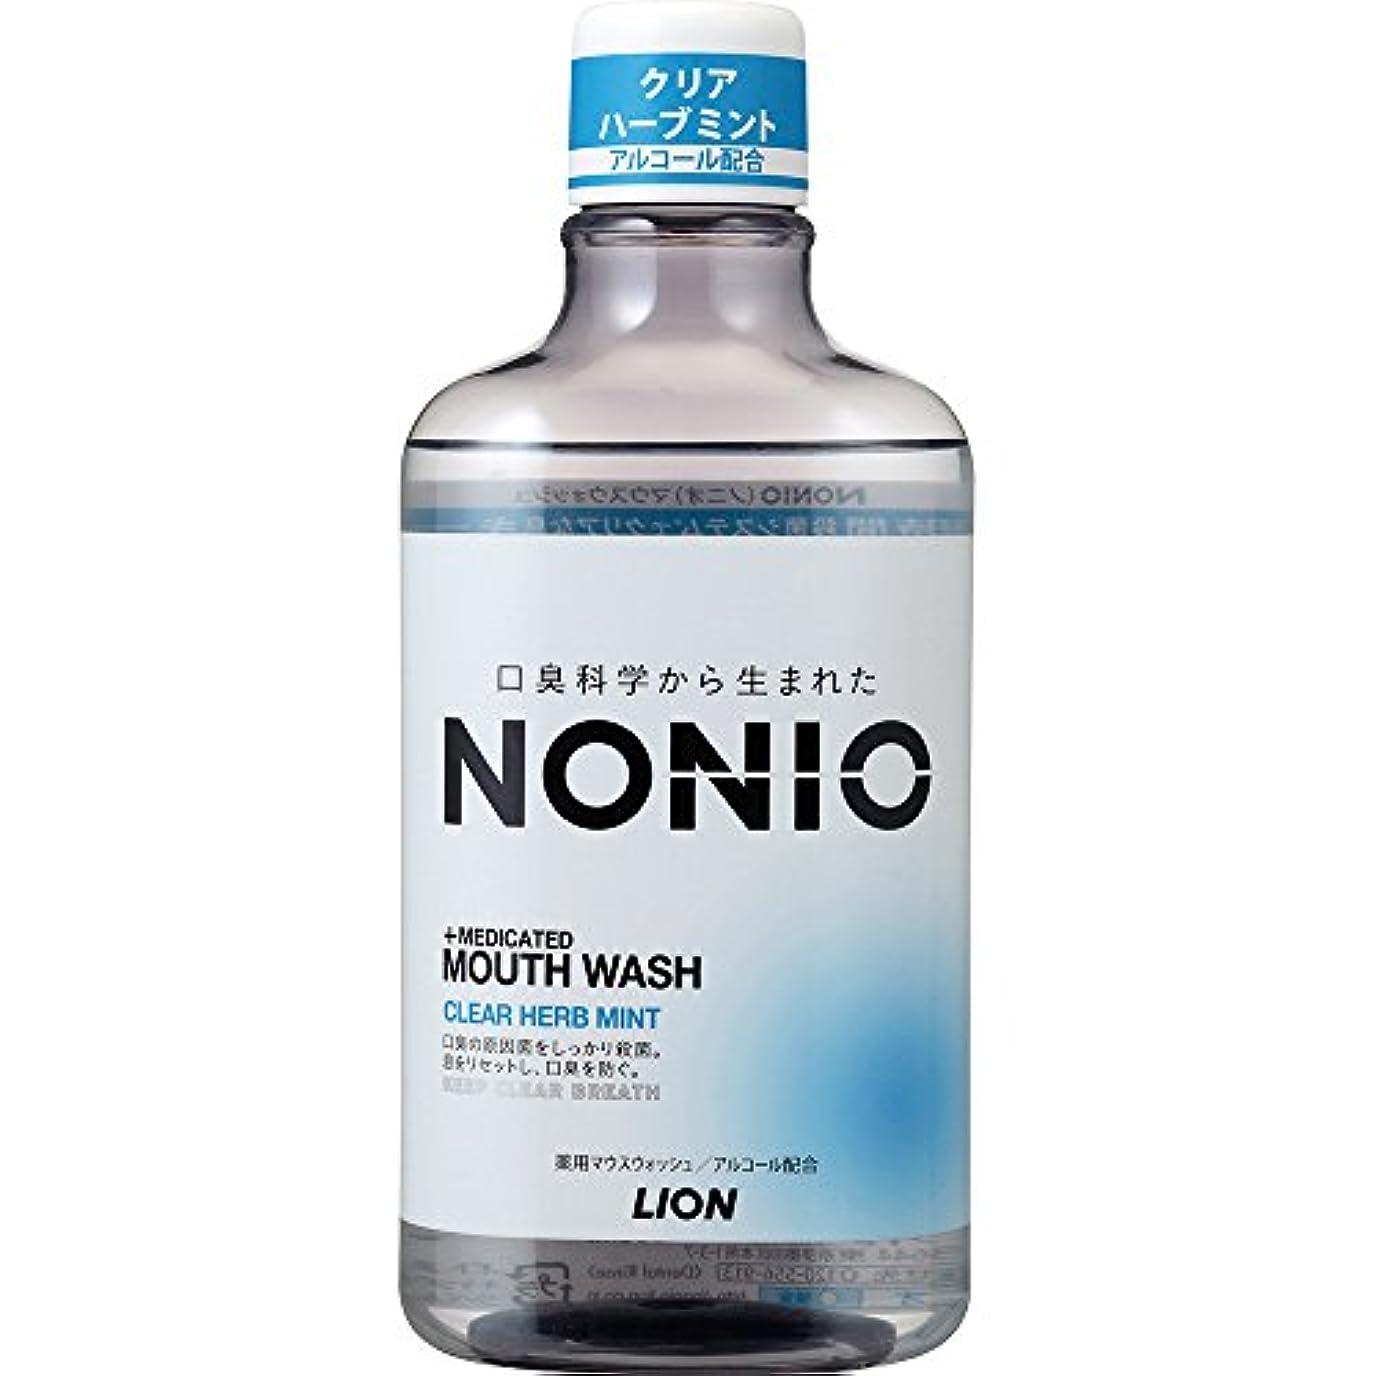 司教衝撃ライター[医薬部外品]NONIO マウスウォッシュ クリアハーブミント 600ml 洗口液